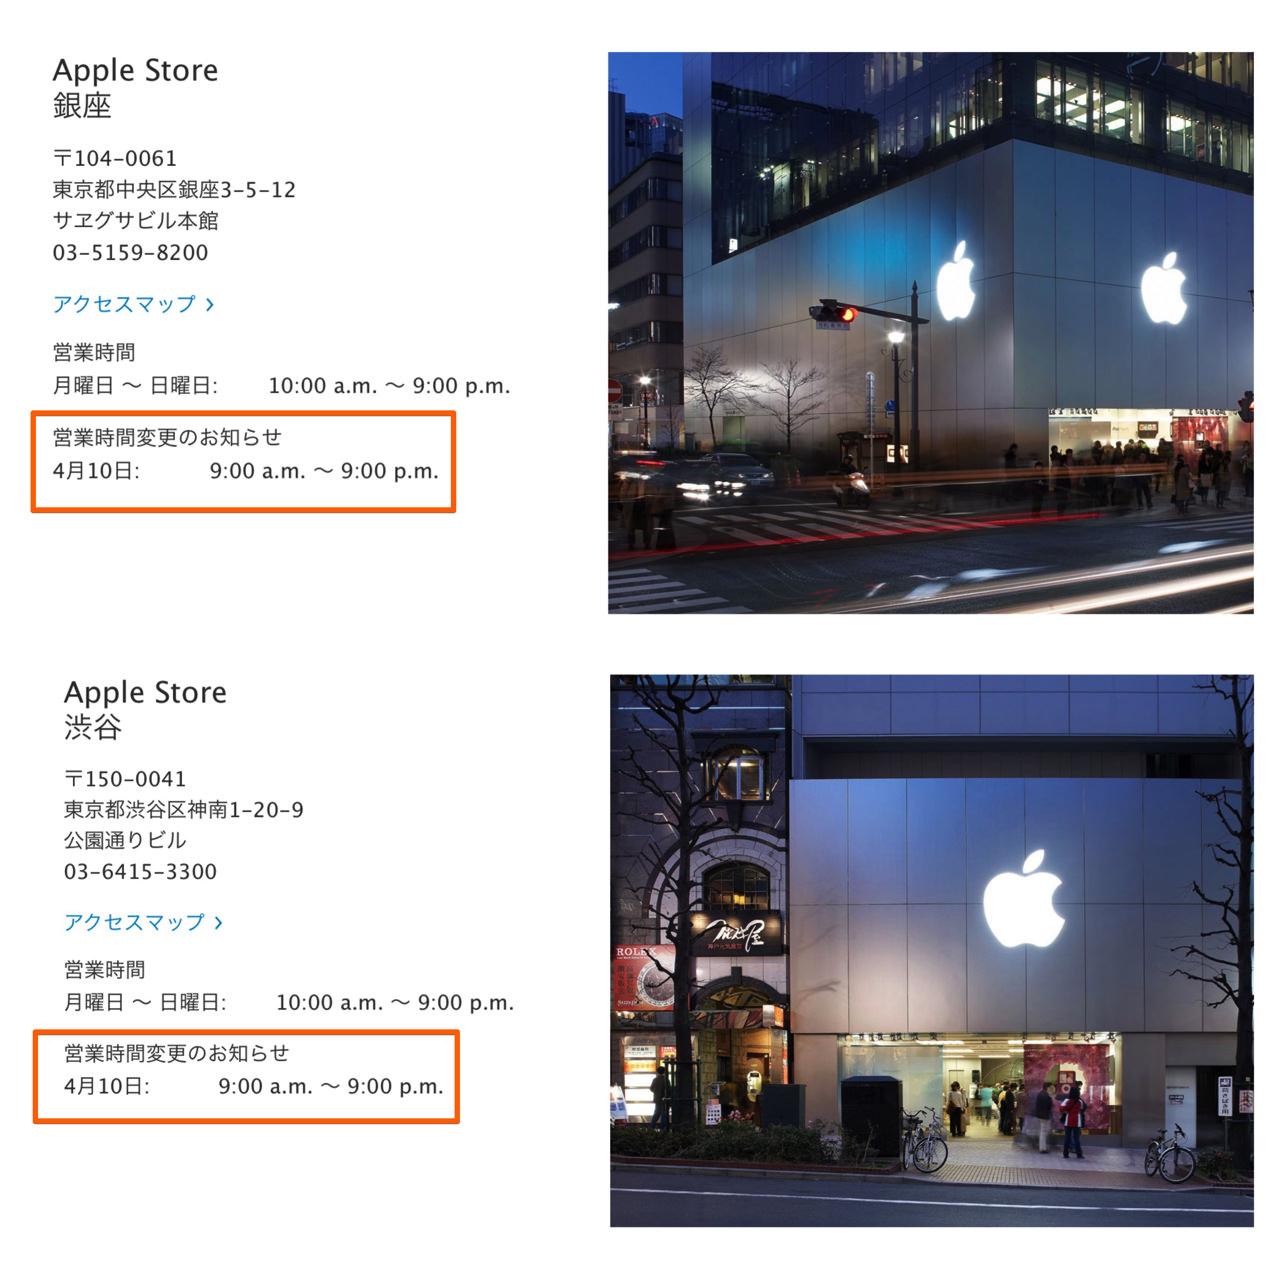 4月10日の「Apple Store」の営業時間が変更される